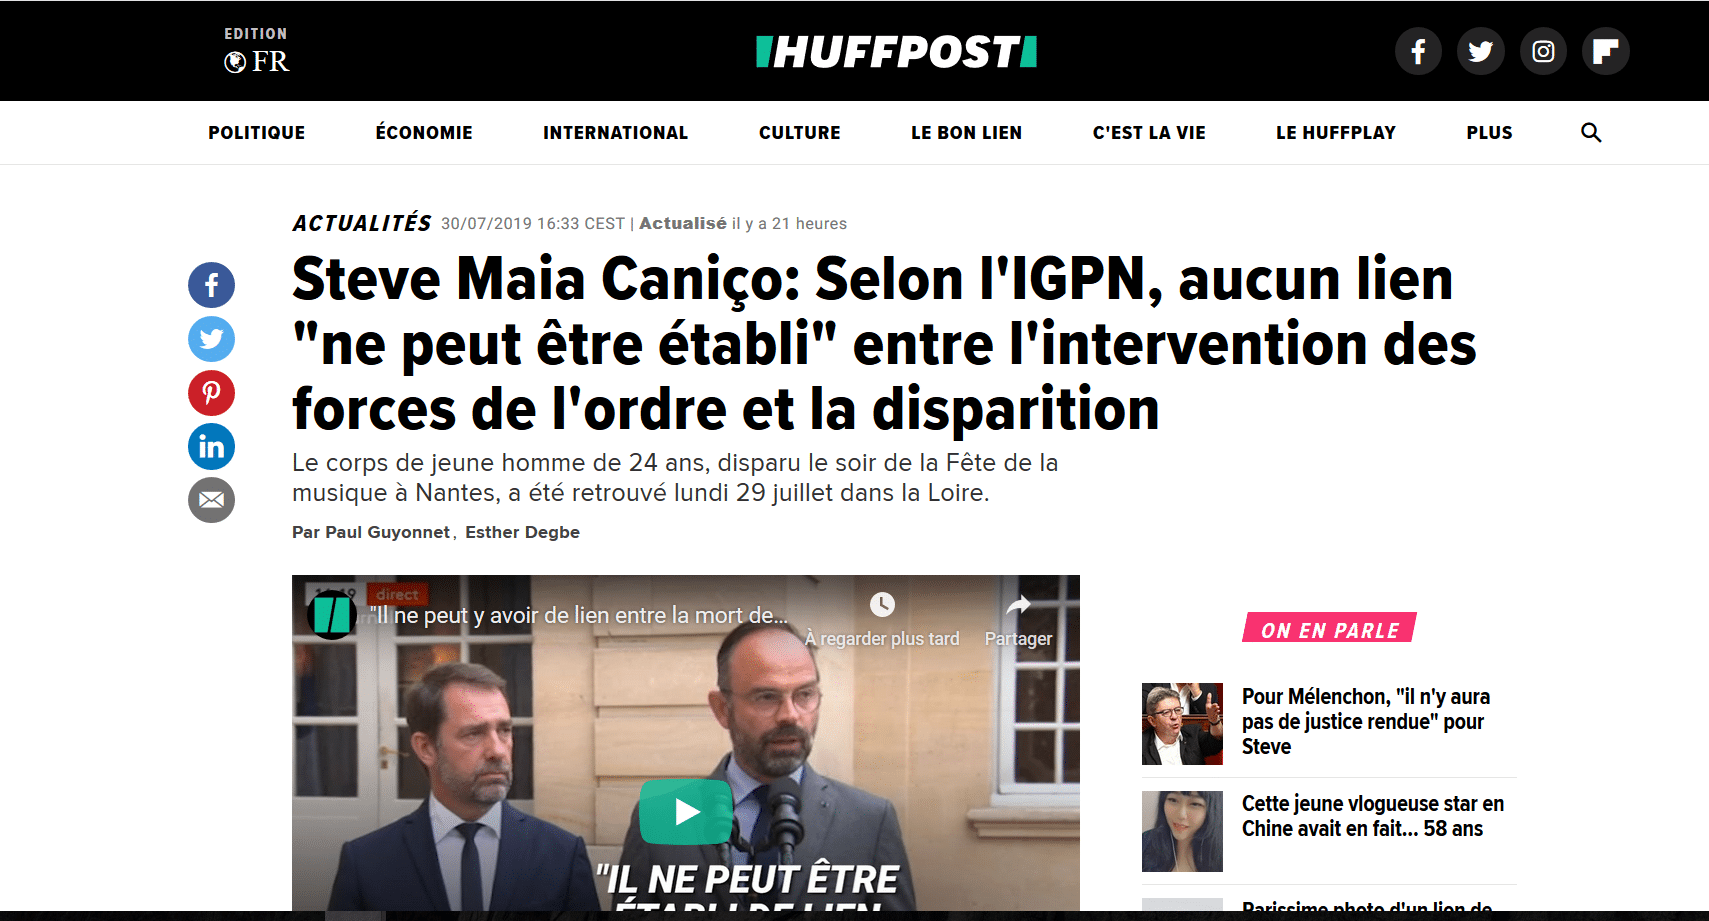 Noyade de Steve Canico dans la Loire : Qui craint le grand méchant « LOURD » Castaner?